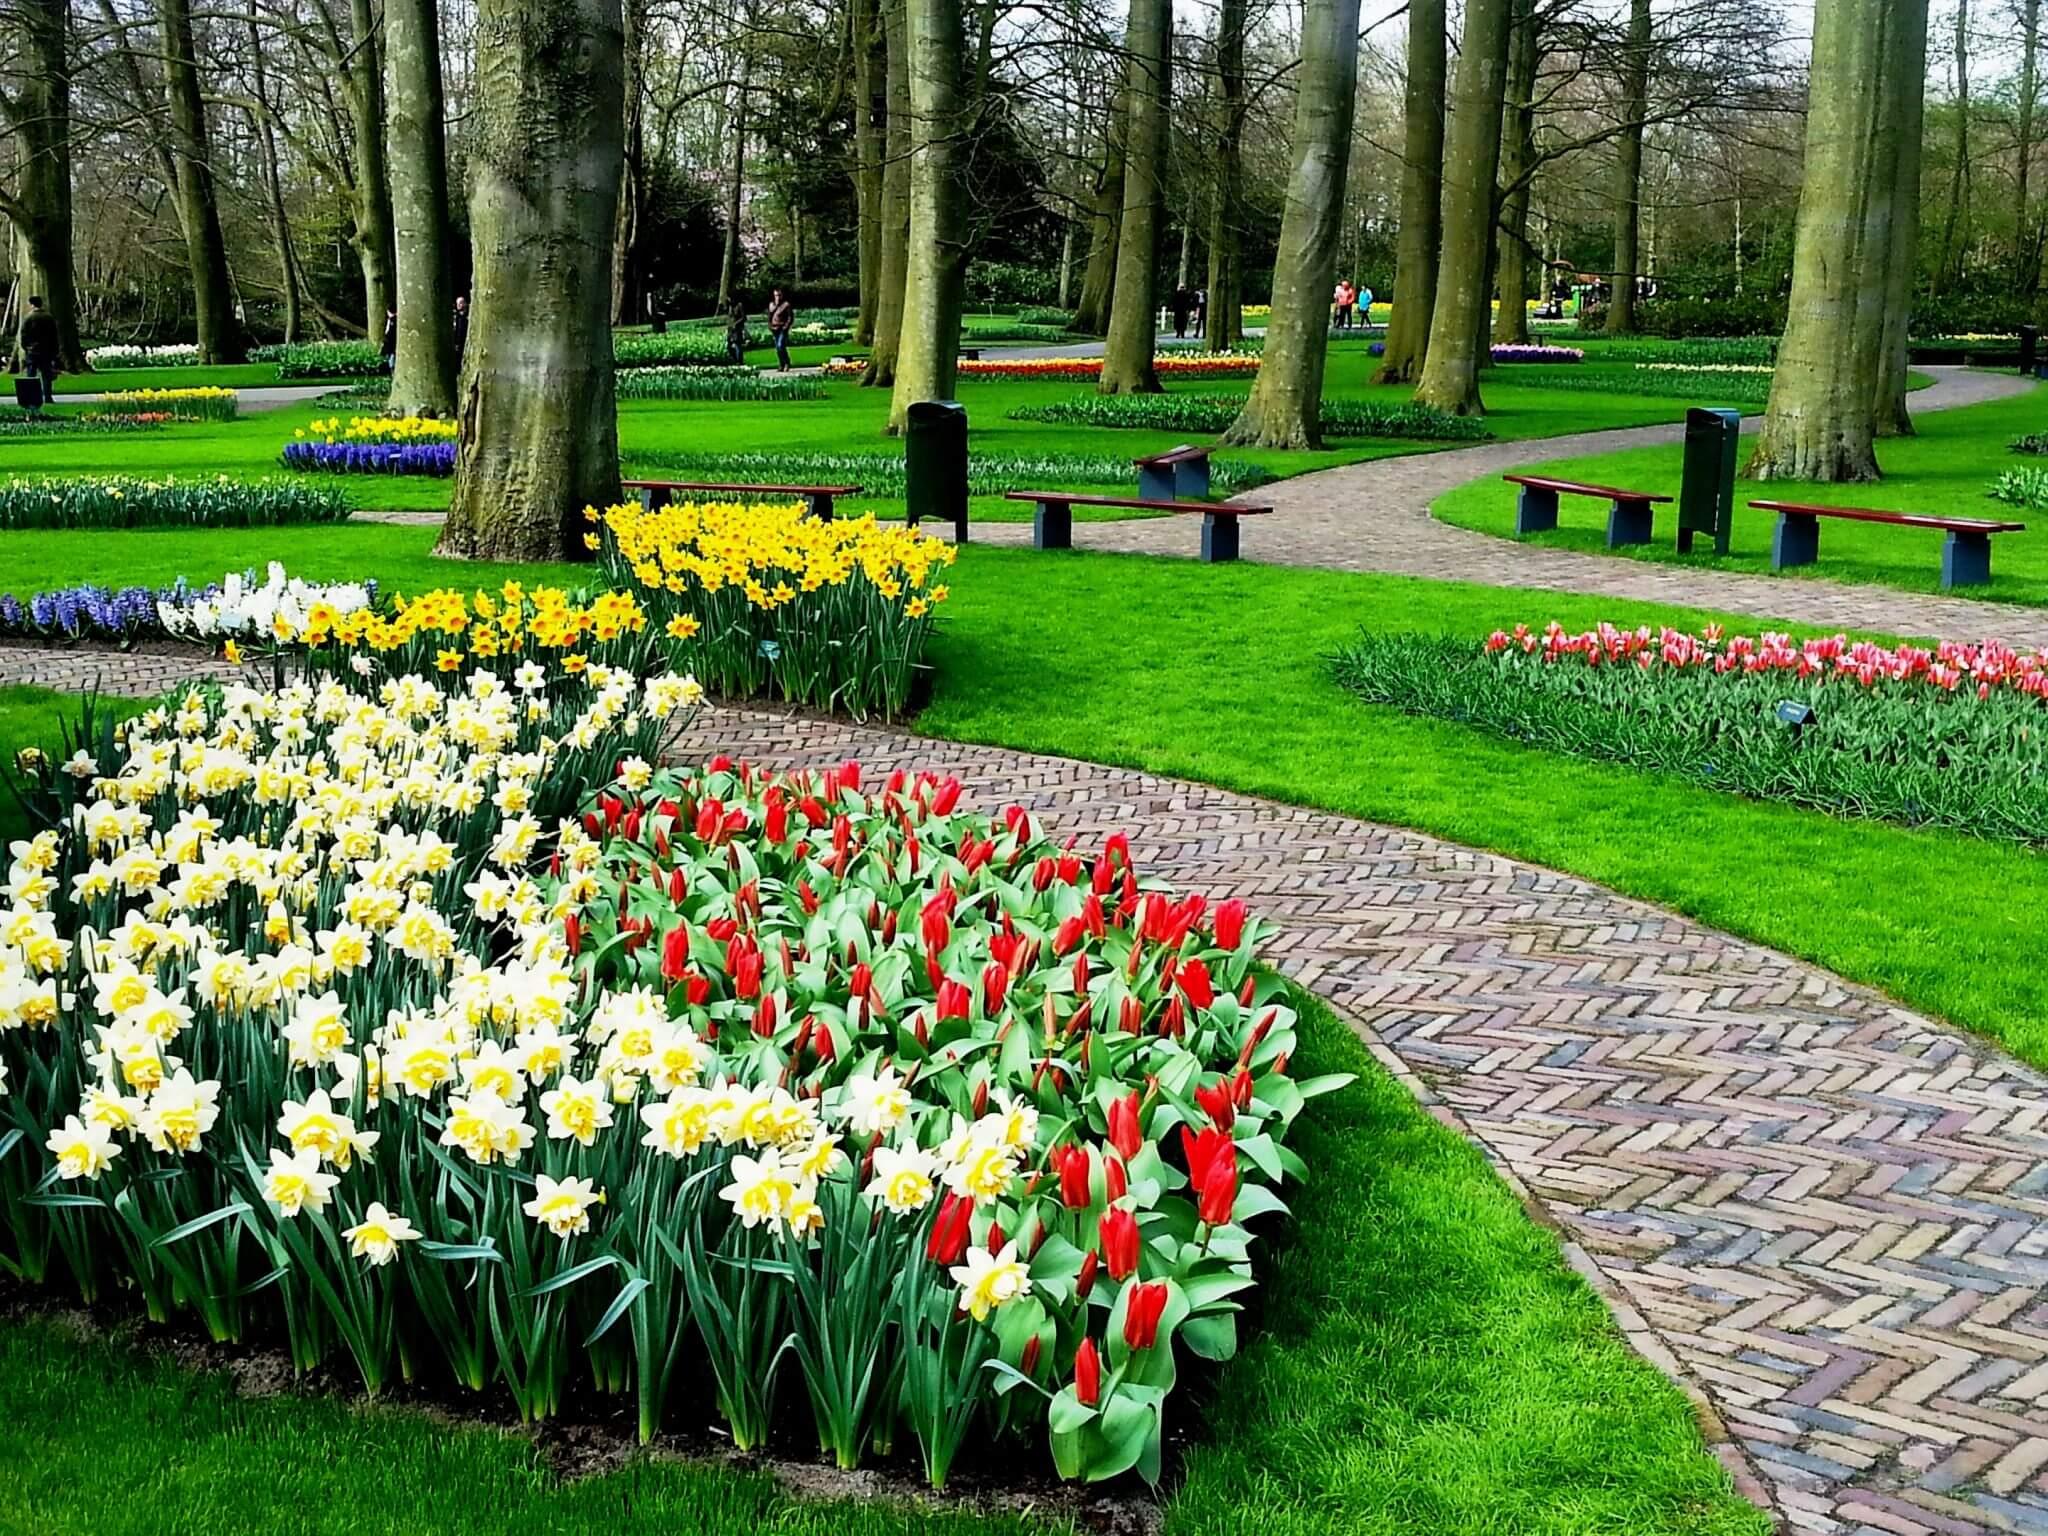 הולנד, מרכז קדם לטיולים